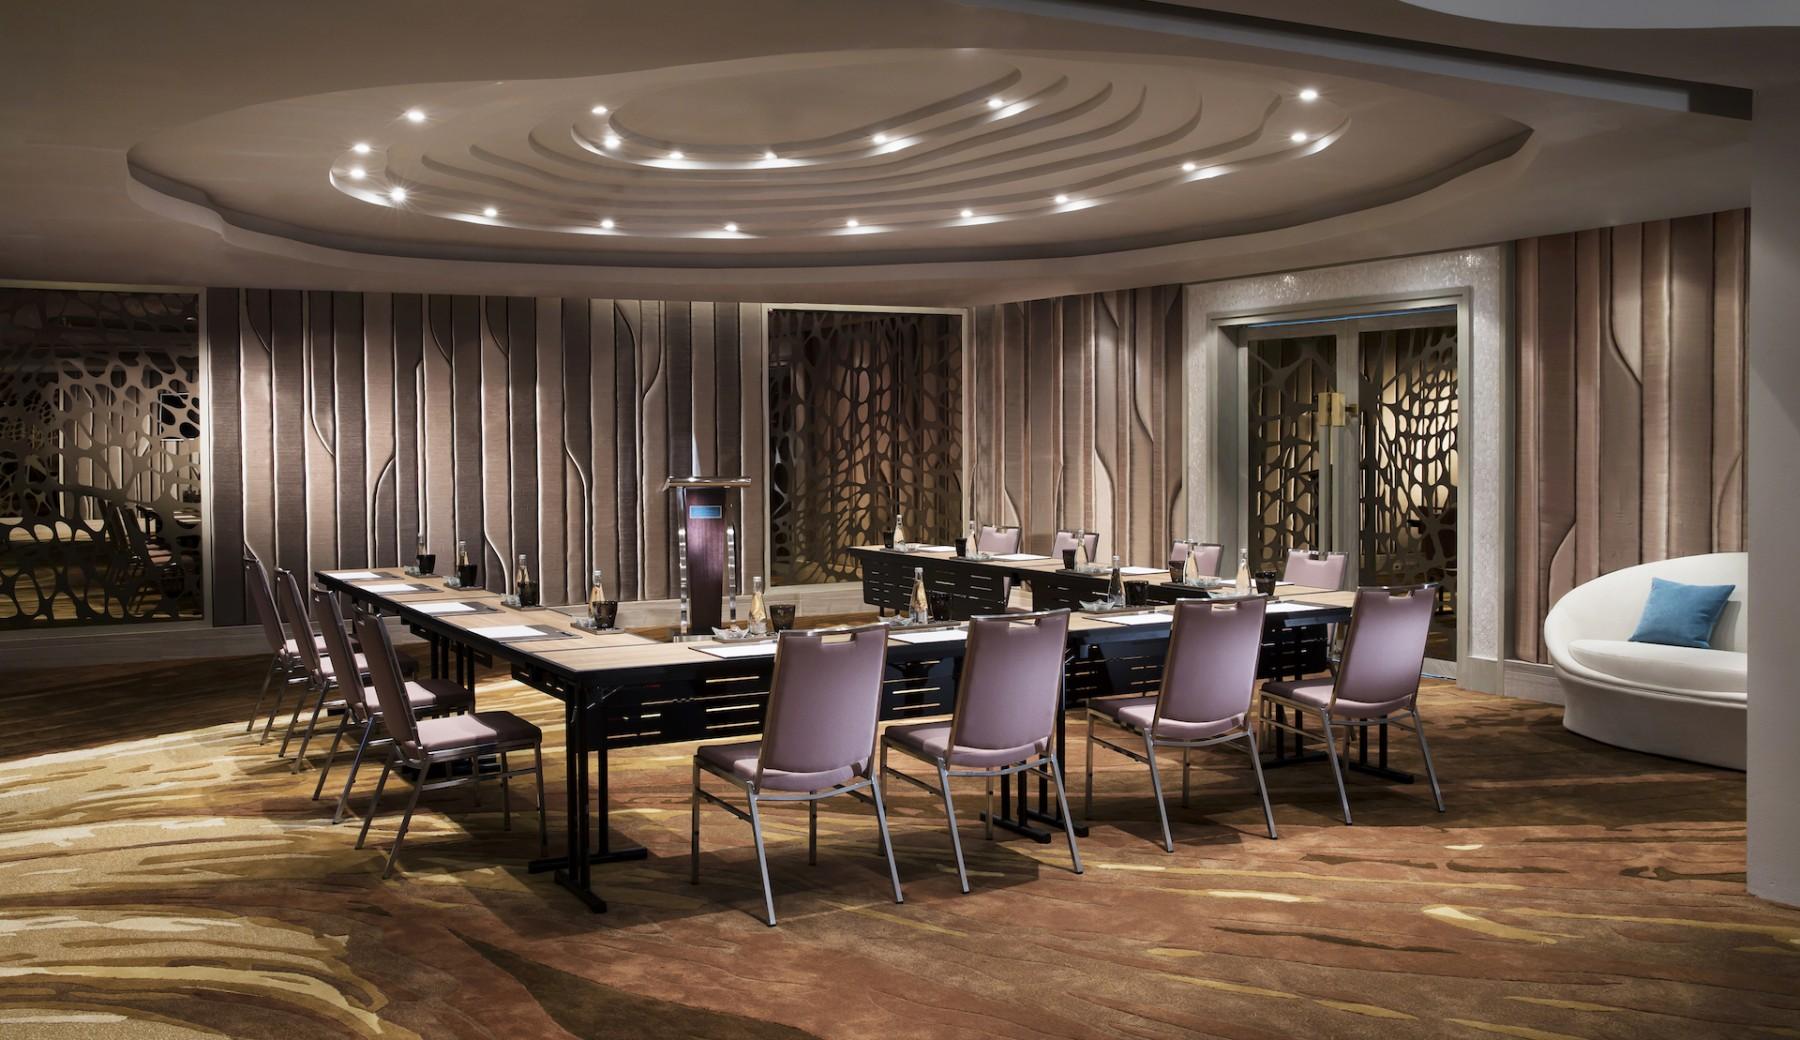 3d Render Of Luxury Meeting Space Stock Illustration ...  Luxury Meeting Space